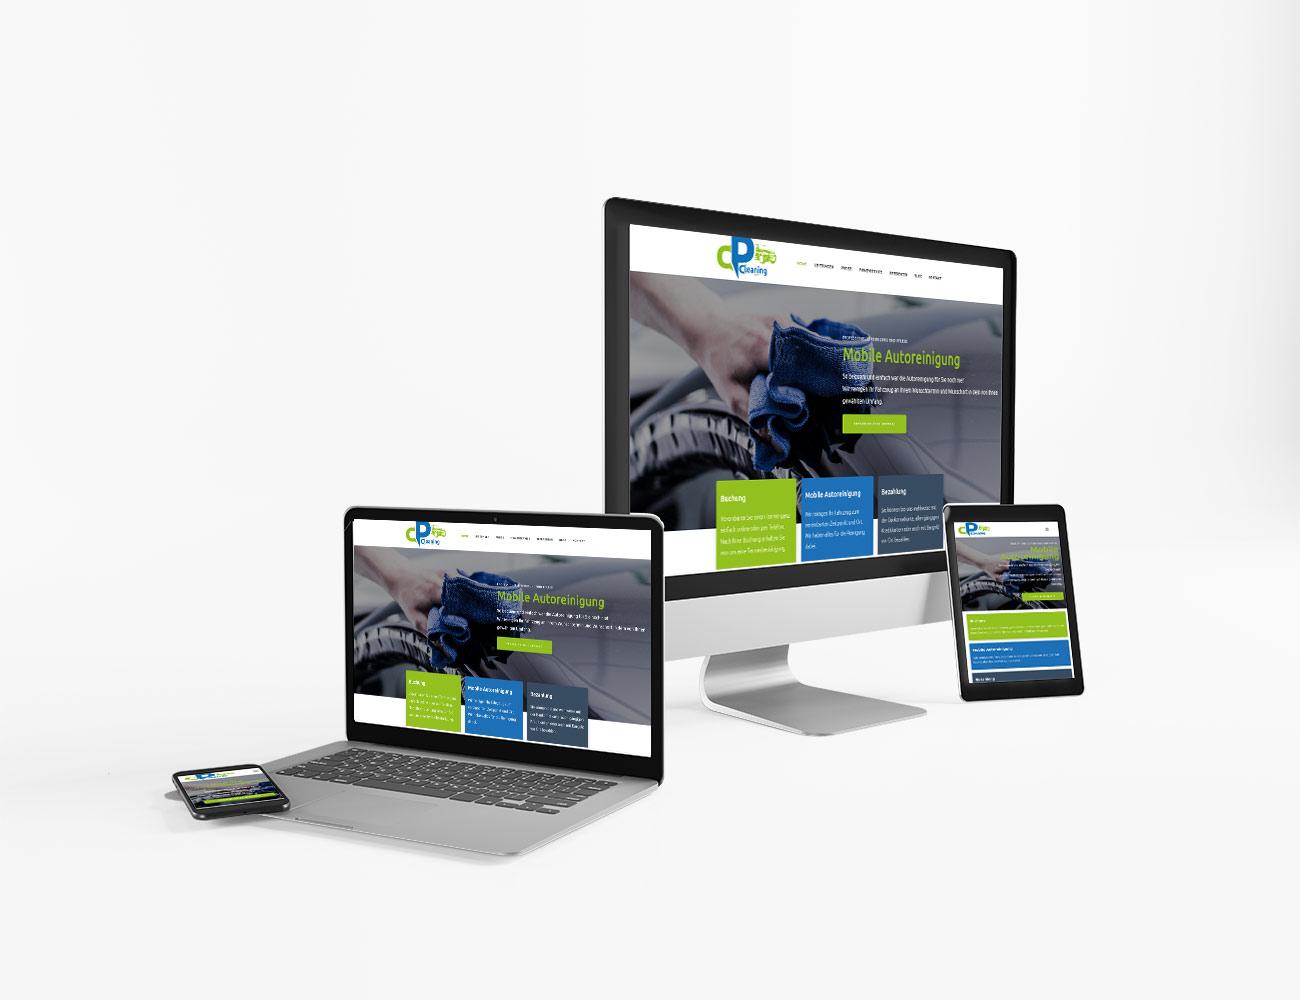 Die Webseite von Cleaning Point ist online